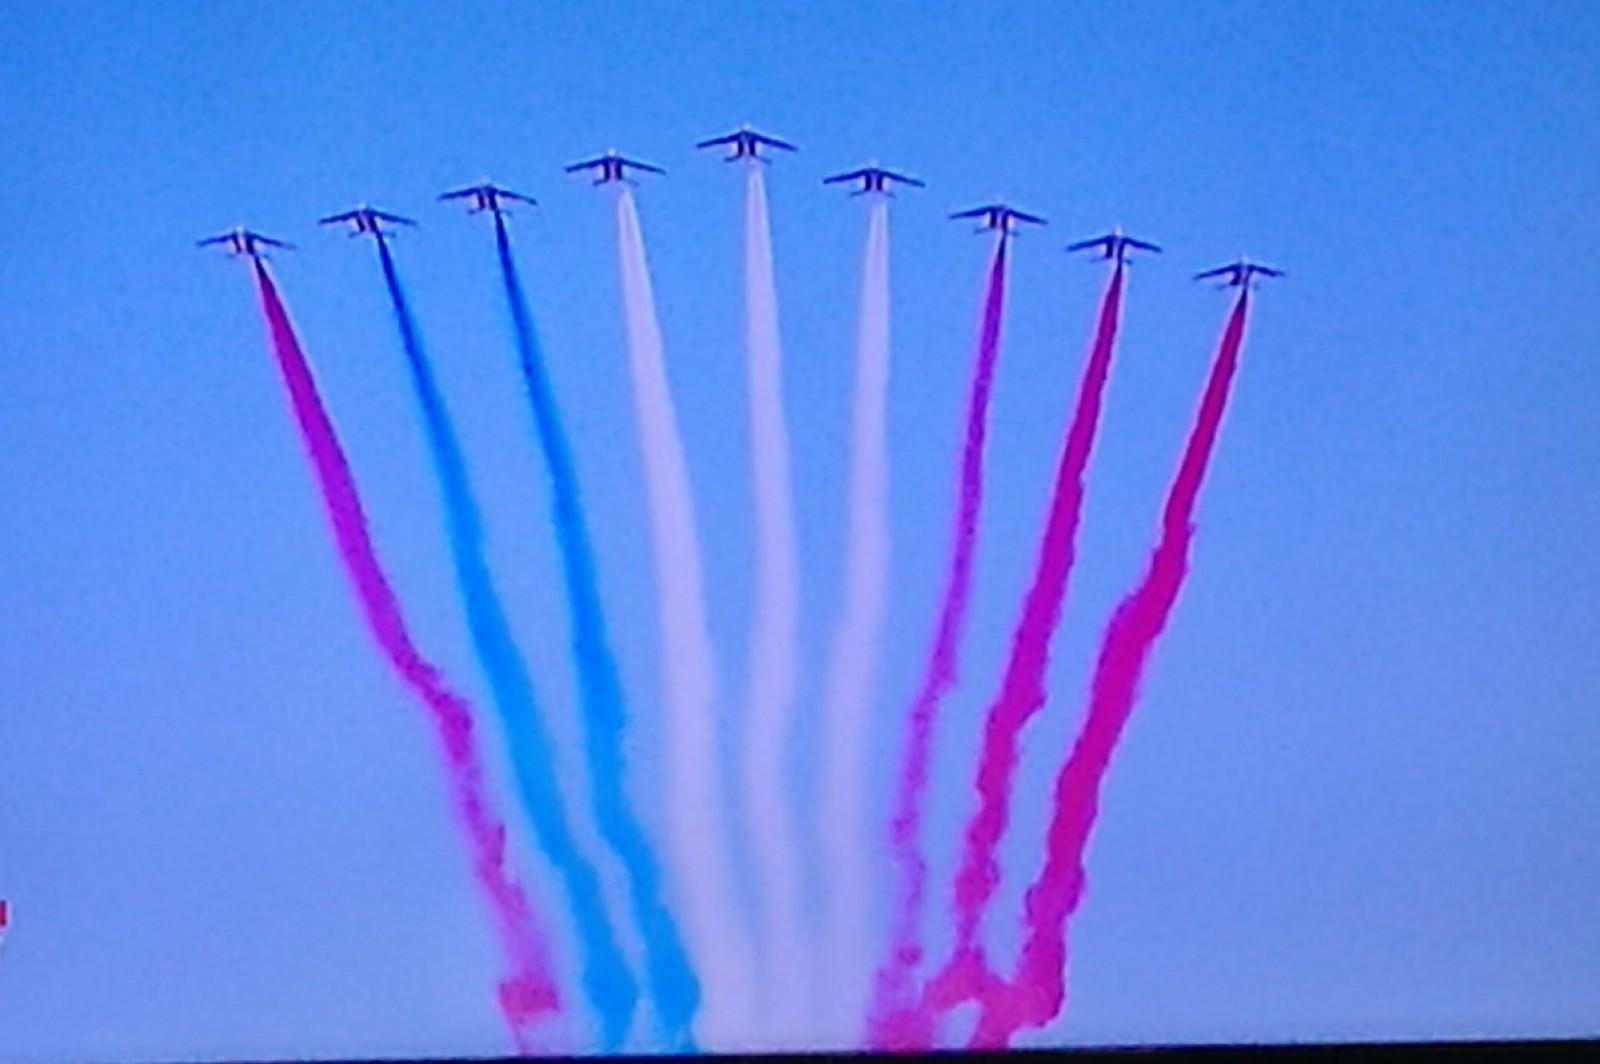 Gafă la parada de Ziua Naţională a Franţei. În timpul demonstrației aeriene un avion a stricat imaginea tricolorului francez